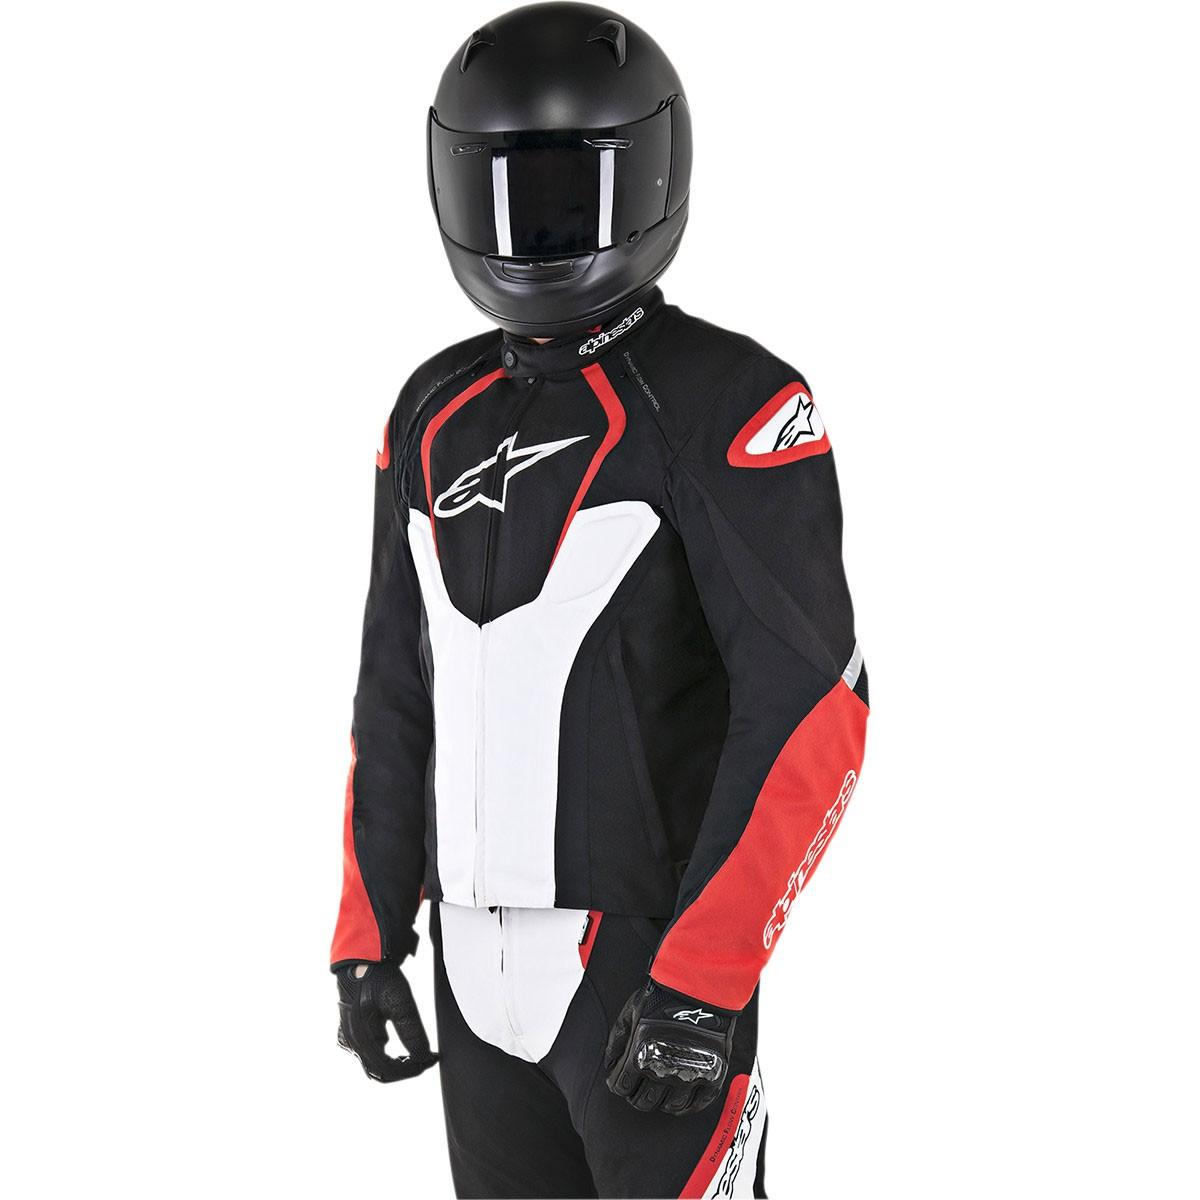 Jaqueta Alpinestars T-Jaws WP (Black/Red/White) (Impermeável) - LANÇAMENTO  - Nova Suzuki Motos e Acessórios